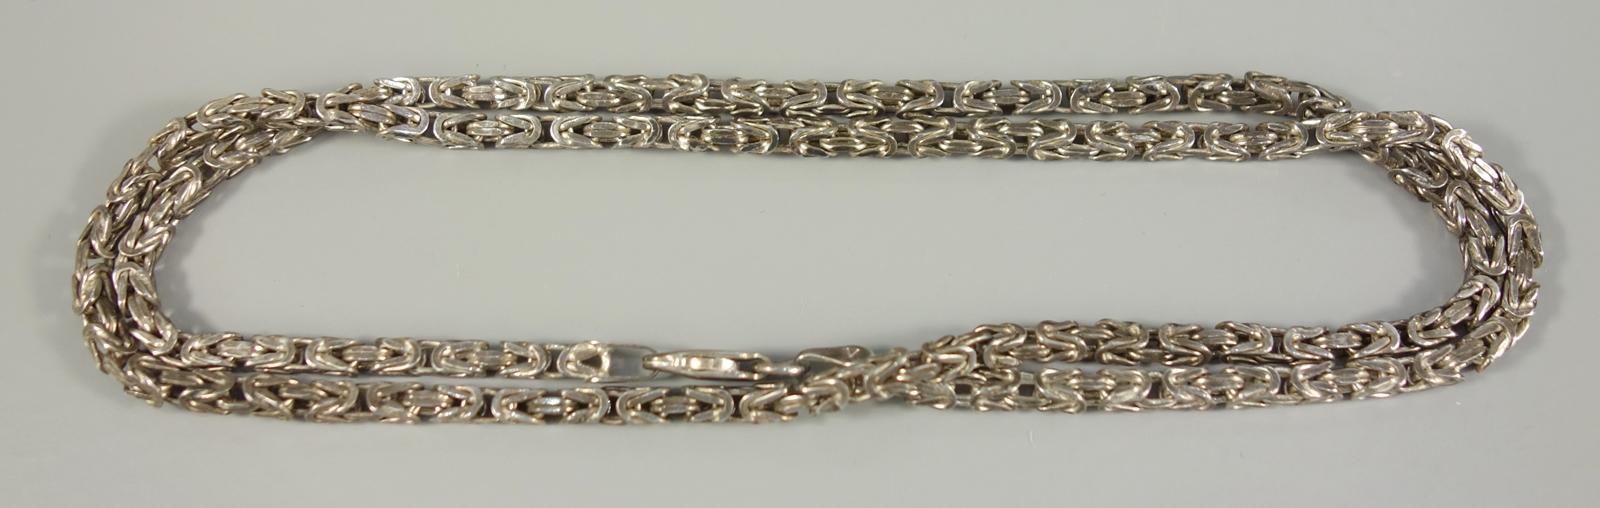 Königskette, 925er Silber, Gew.17,10g, L.49cm, D.ca.3mmByzantine chain, 925 silver, weight 17.10